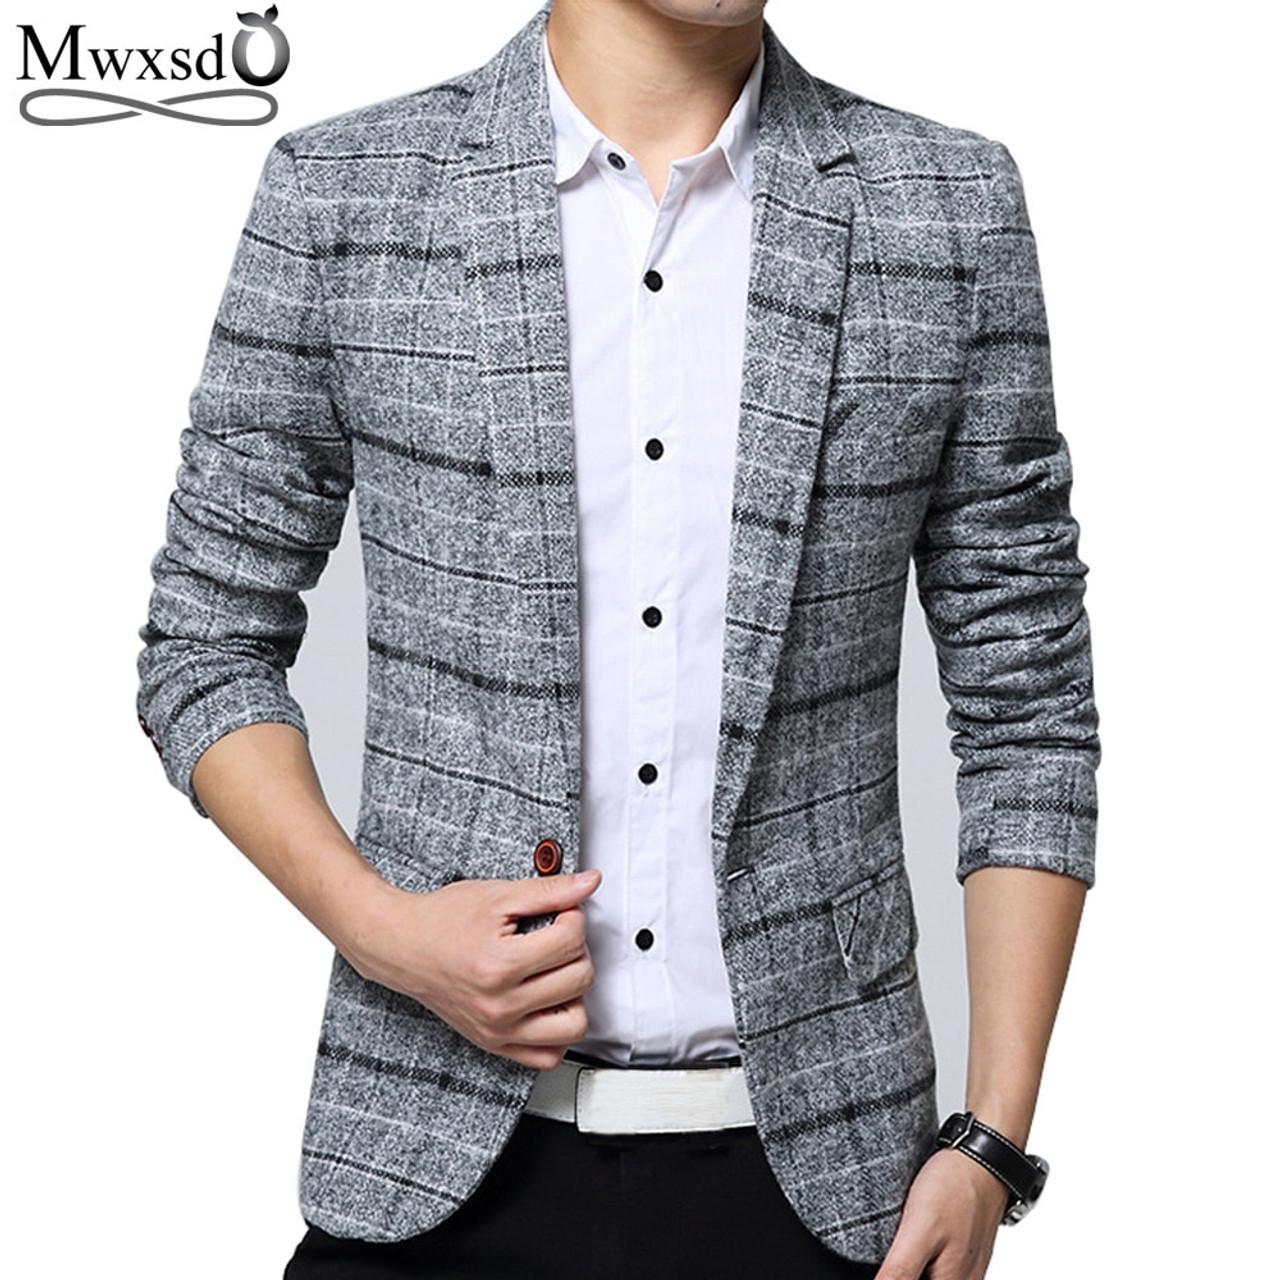 7d903891f44010 ... Mwxsd brand Quality Autumn Suit Blazer Men Fashion Slim Male Suits  Casual Suit Jacket Masculine Blazer ...